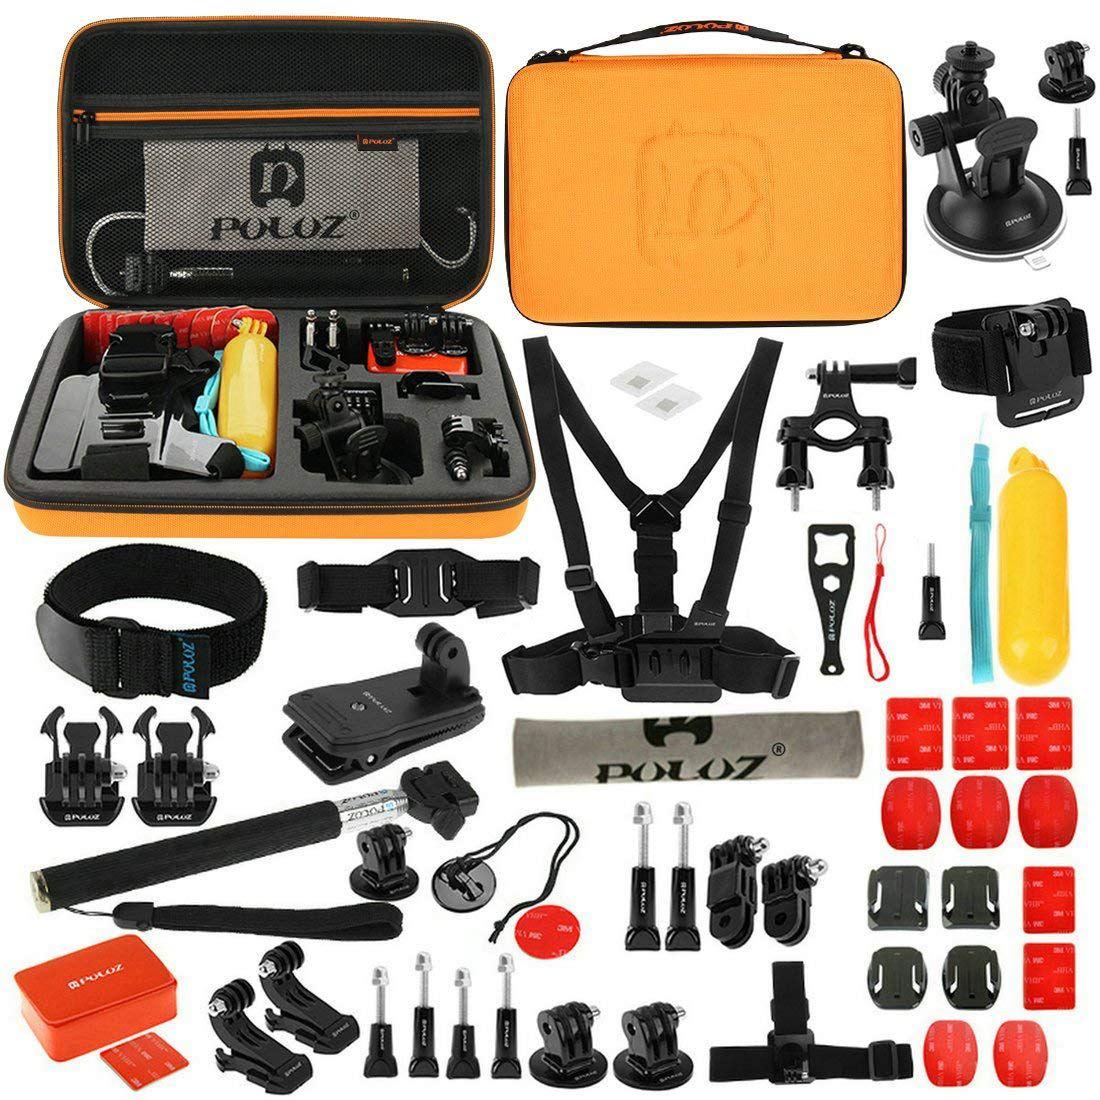 Kit d'accessoires PULUZ 53 en 1 (sangle de poitrine + bras pivotants + boucle j-crochet + dragonne + sangle casque + monopode + supports de Surface + trépied Adap